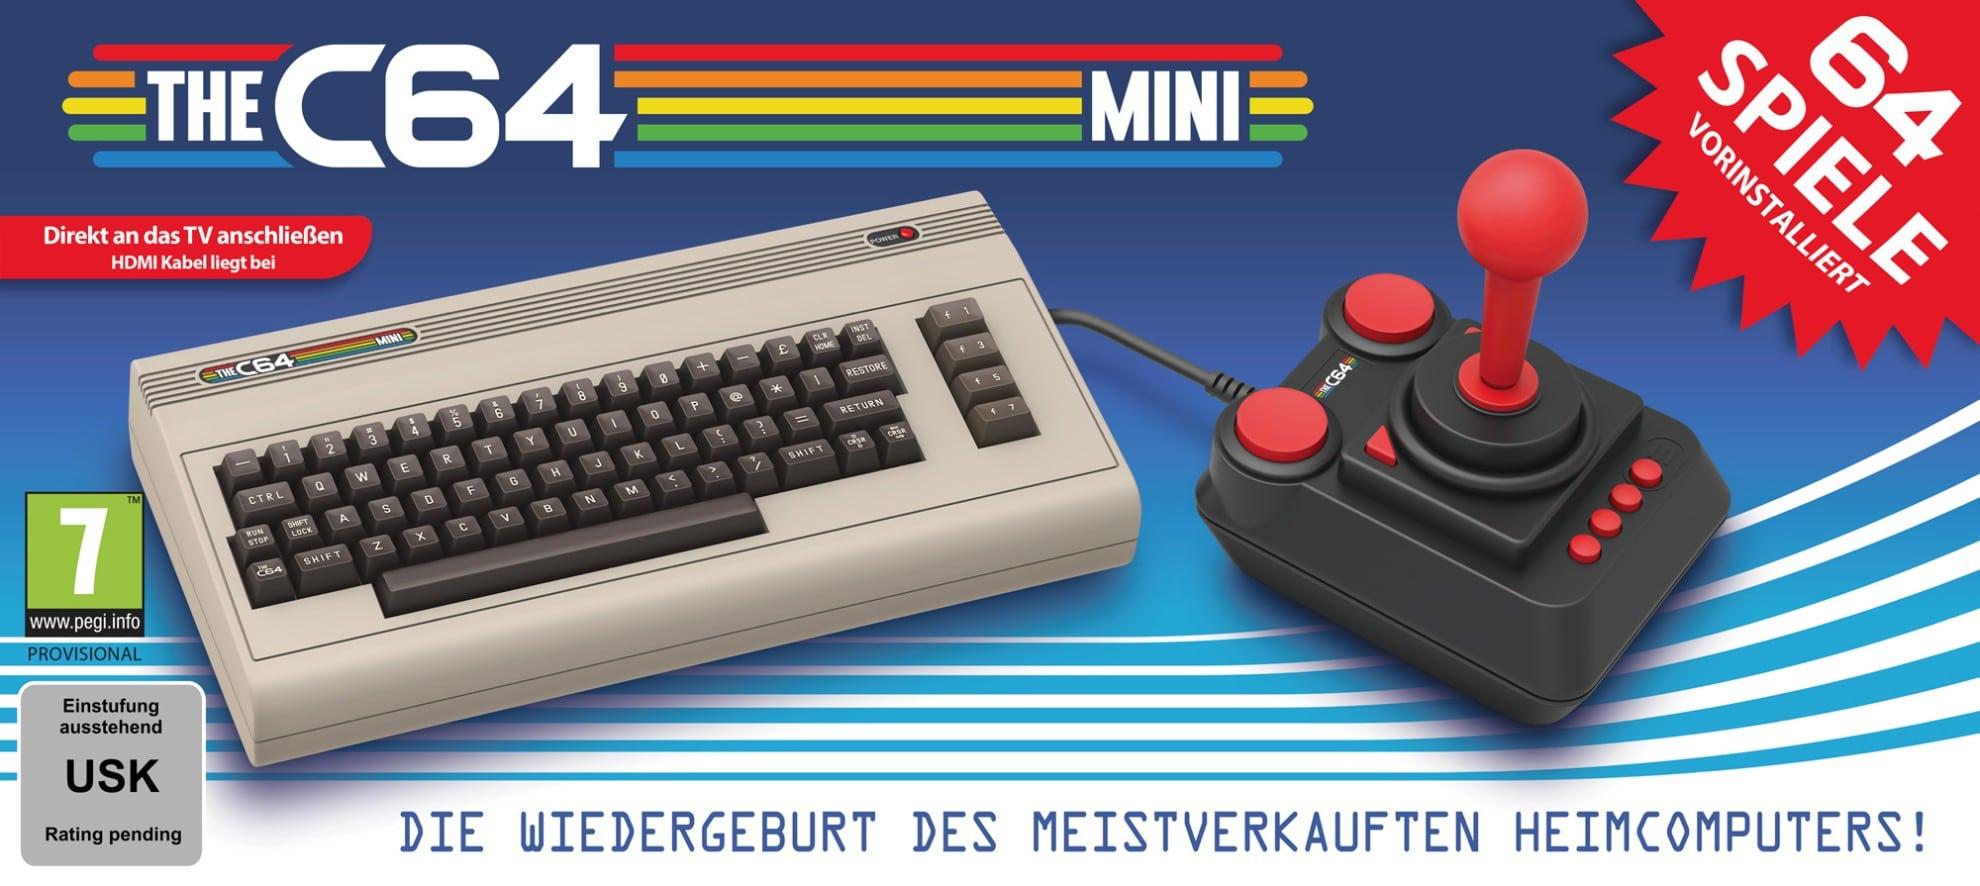 TheC64 Mini: Der Brotkasten kehrt zurück!